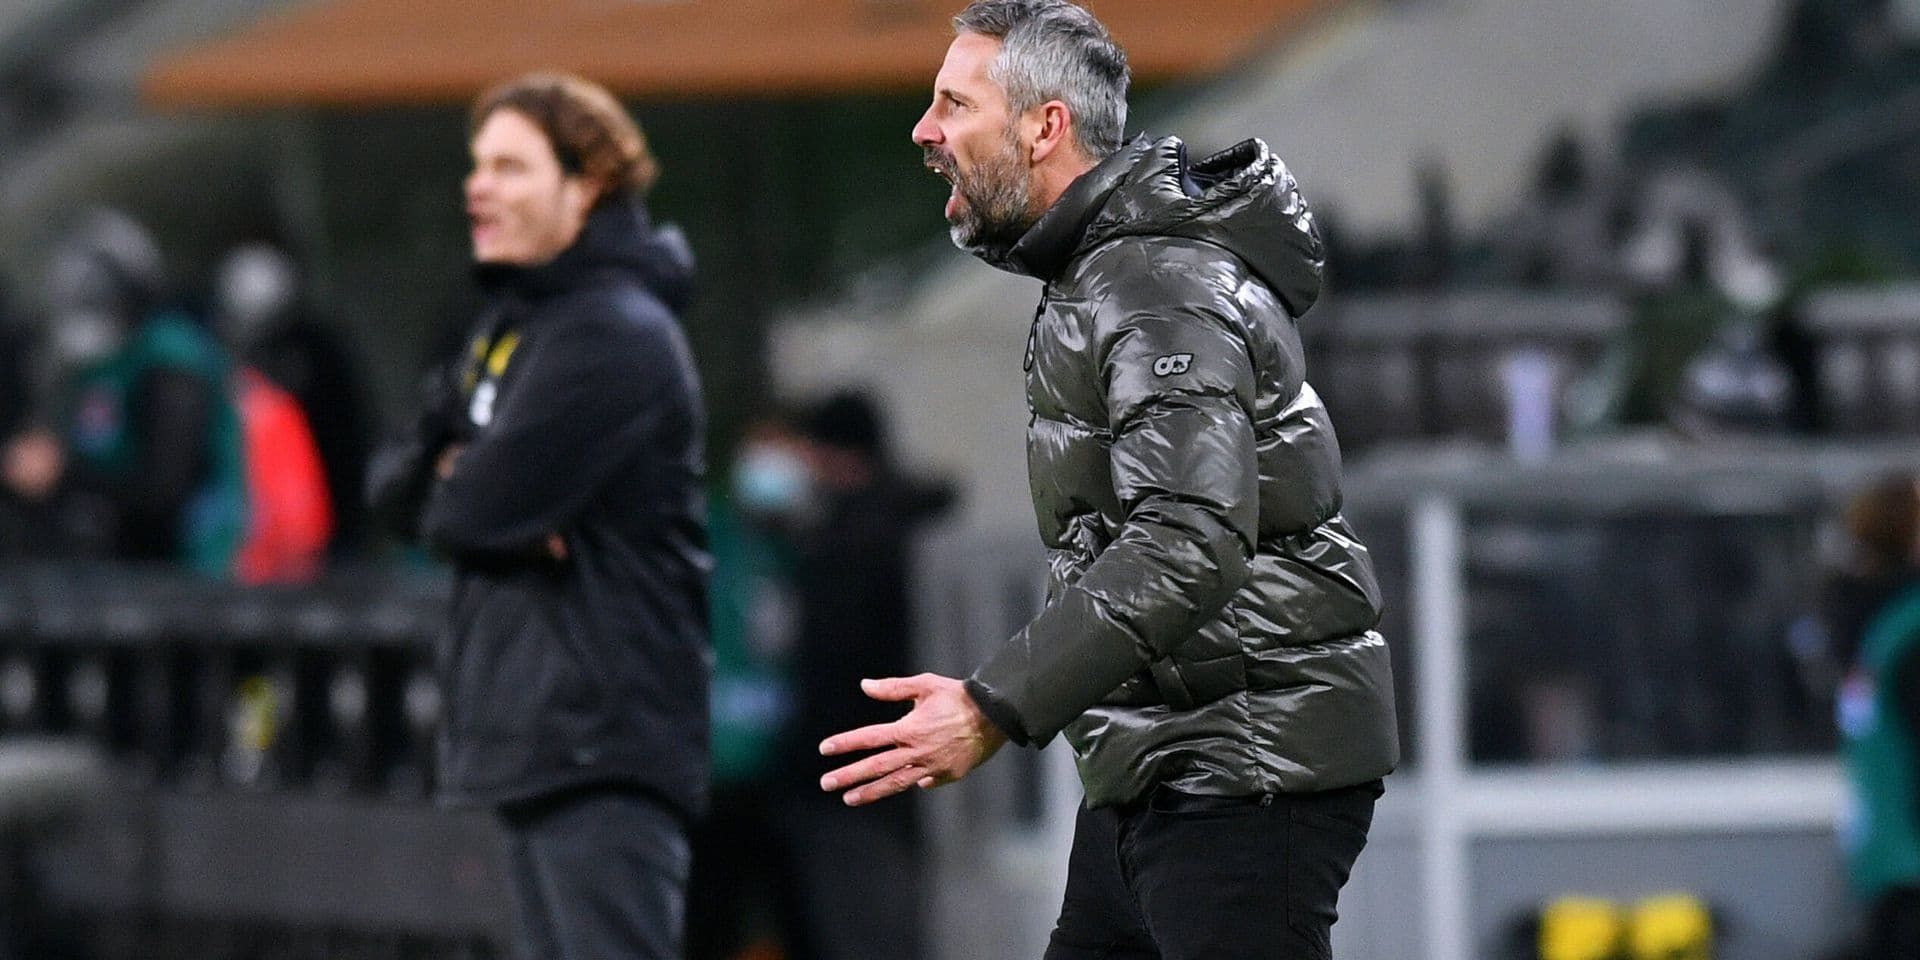 Cheftrainer Marco Rose (BMG), Cheftrainer Edin Terzic (BVB). Aktion Fussball, Bundesliga, Deutschland, Herren, Saison 2